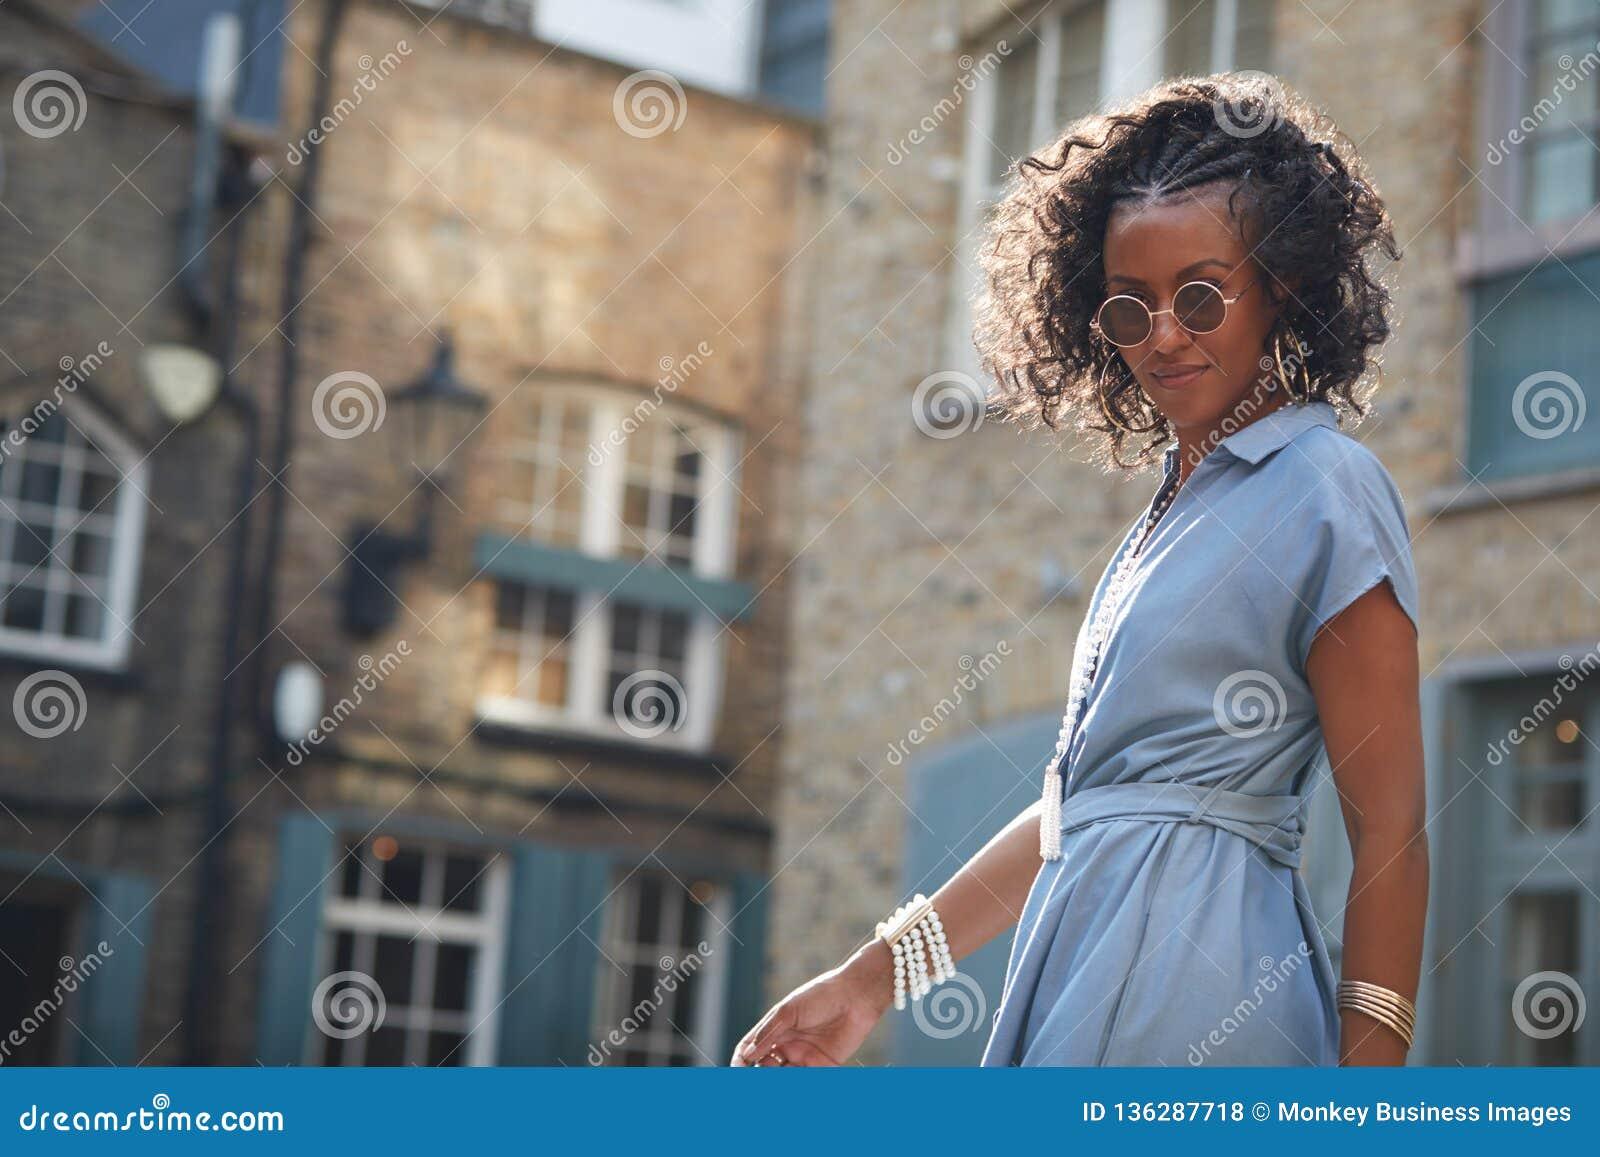 Modische Frau im blauem mit einer Kappe bedecktem Ärmelkleid und -Sonnenbrille